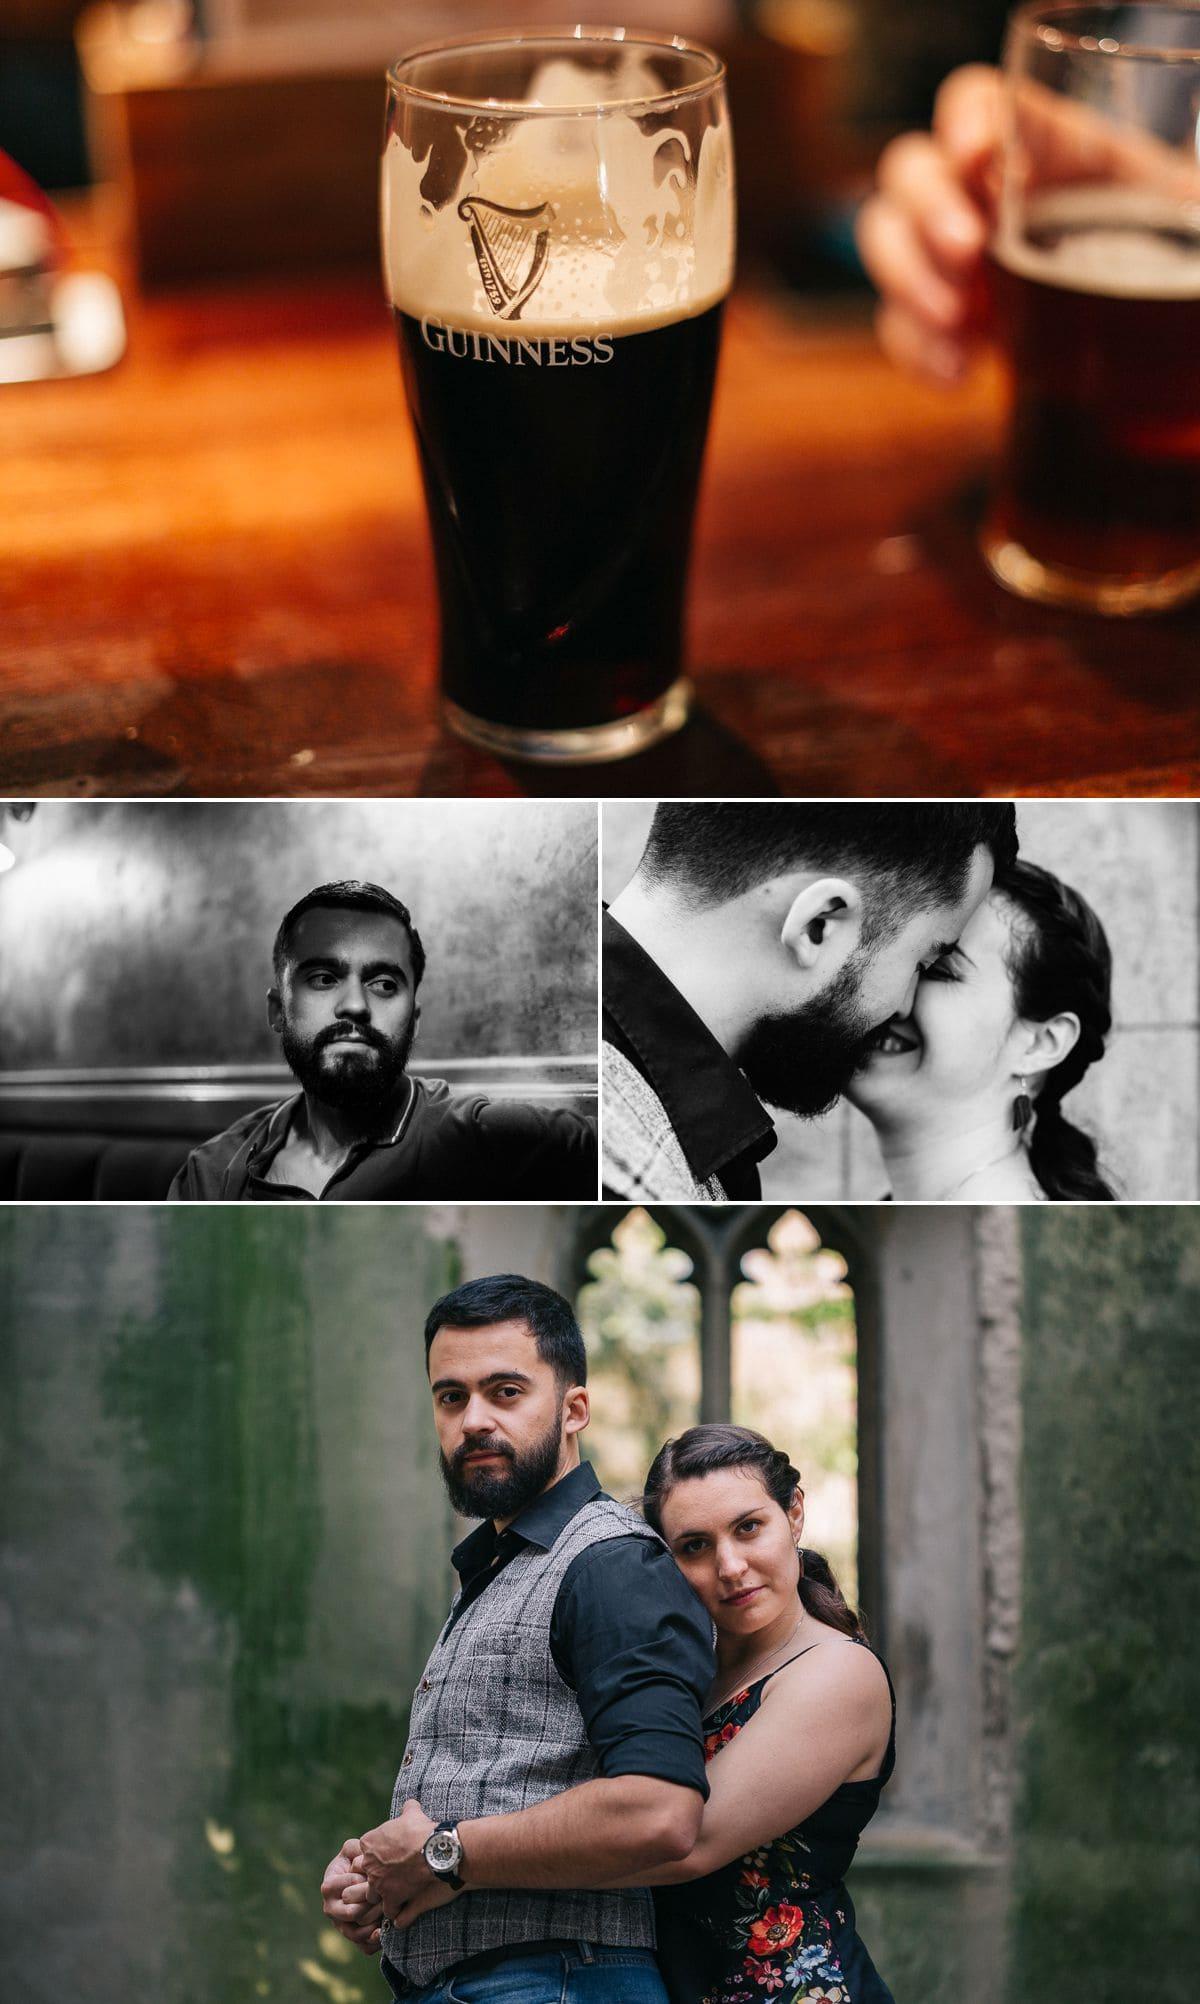 clement-renaut-photographe-professionnel-strasbourg-alsace-mariage-portrait-grossesse 13